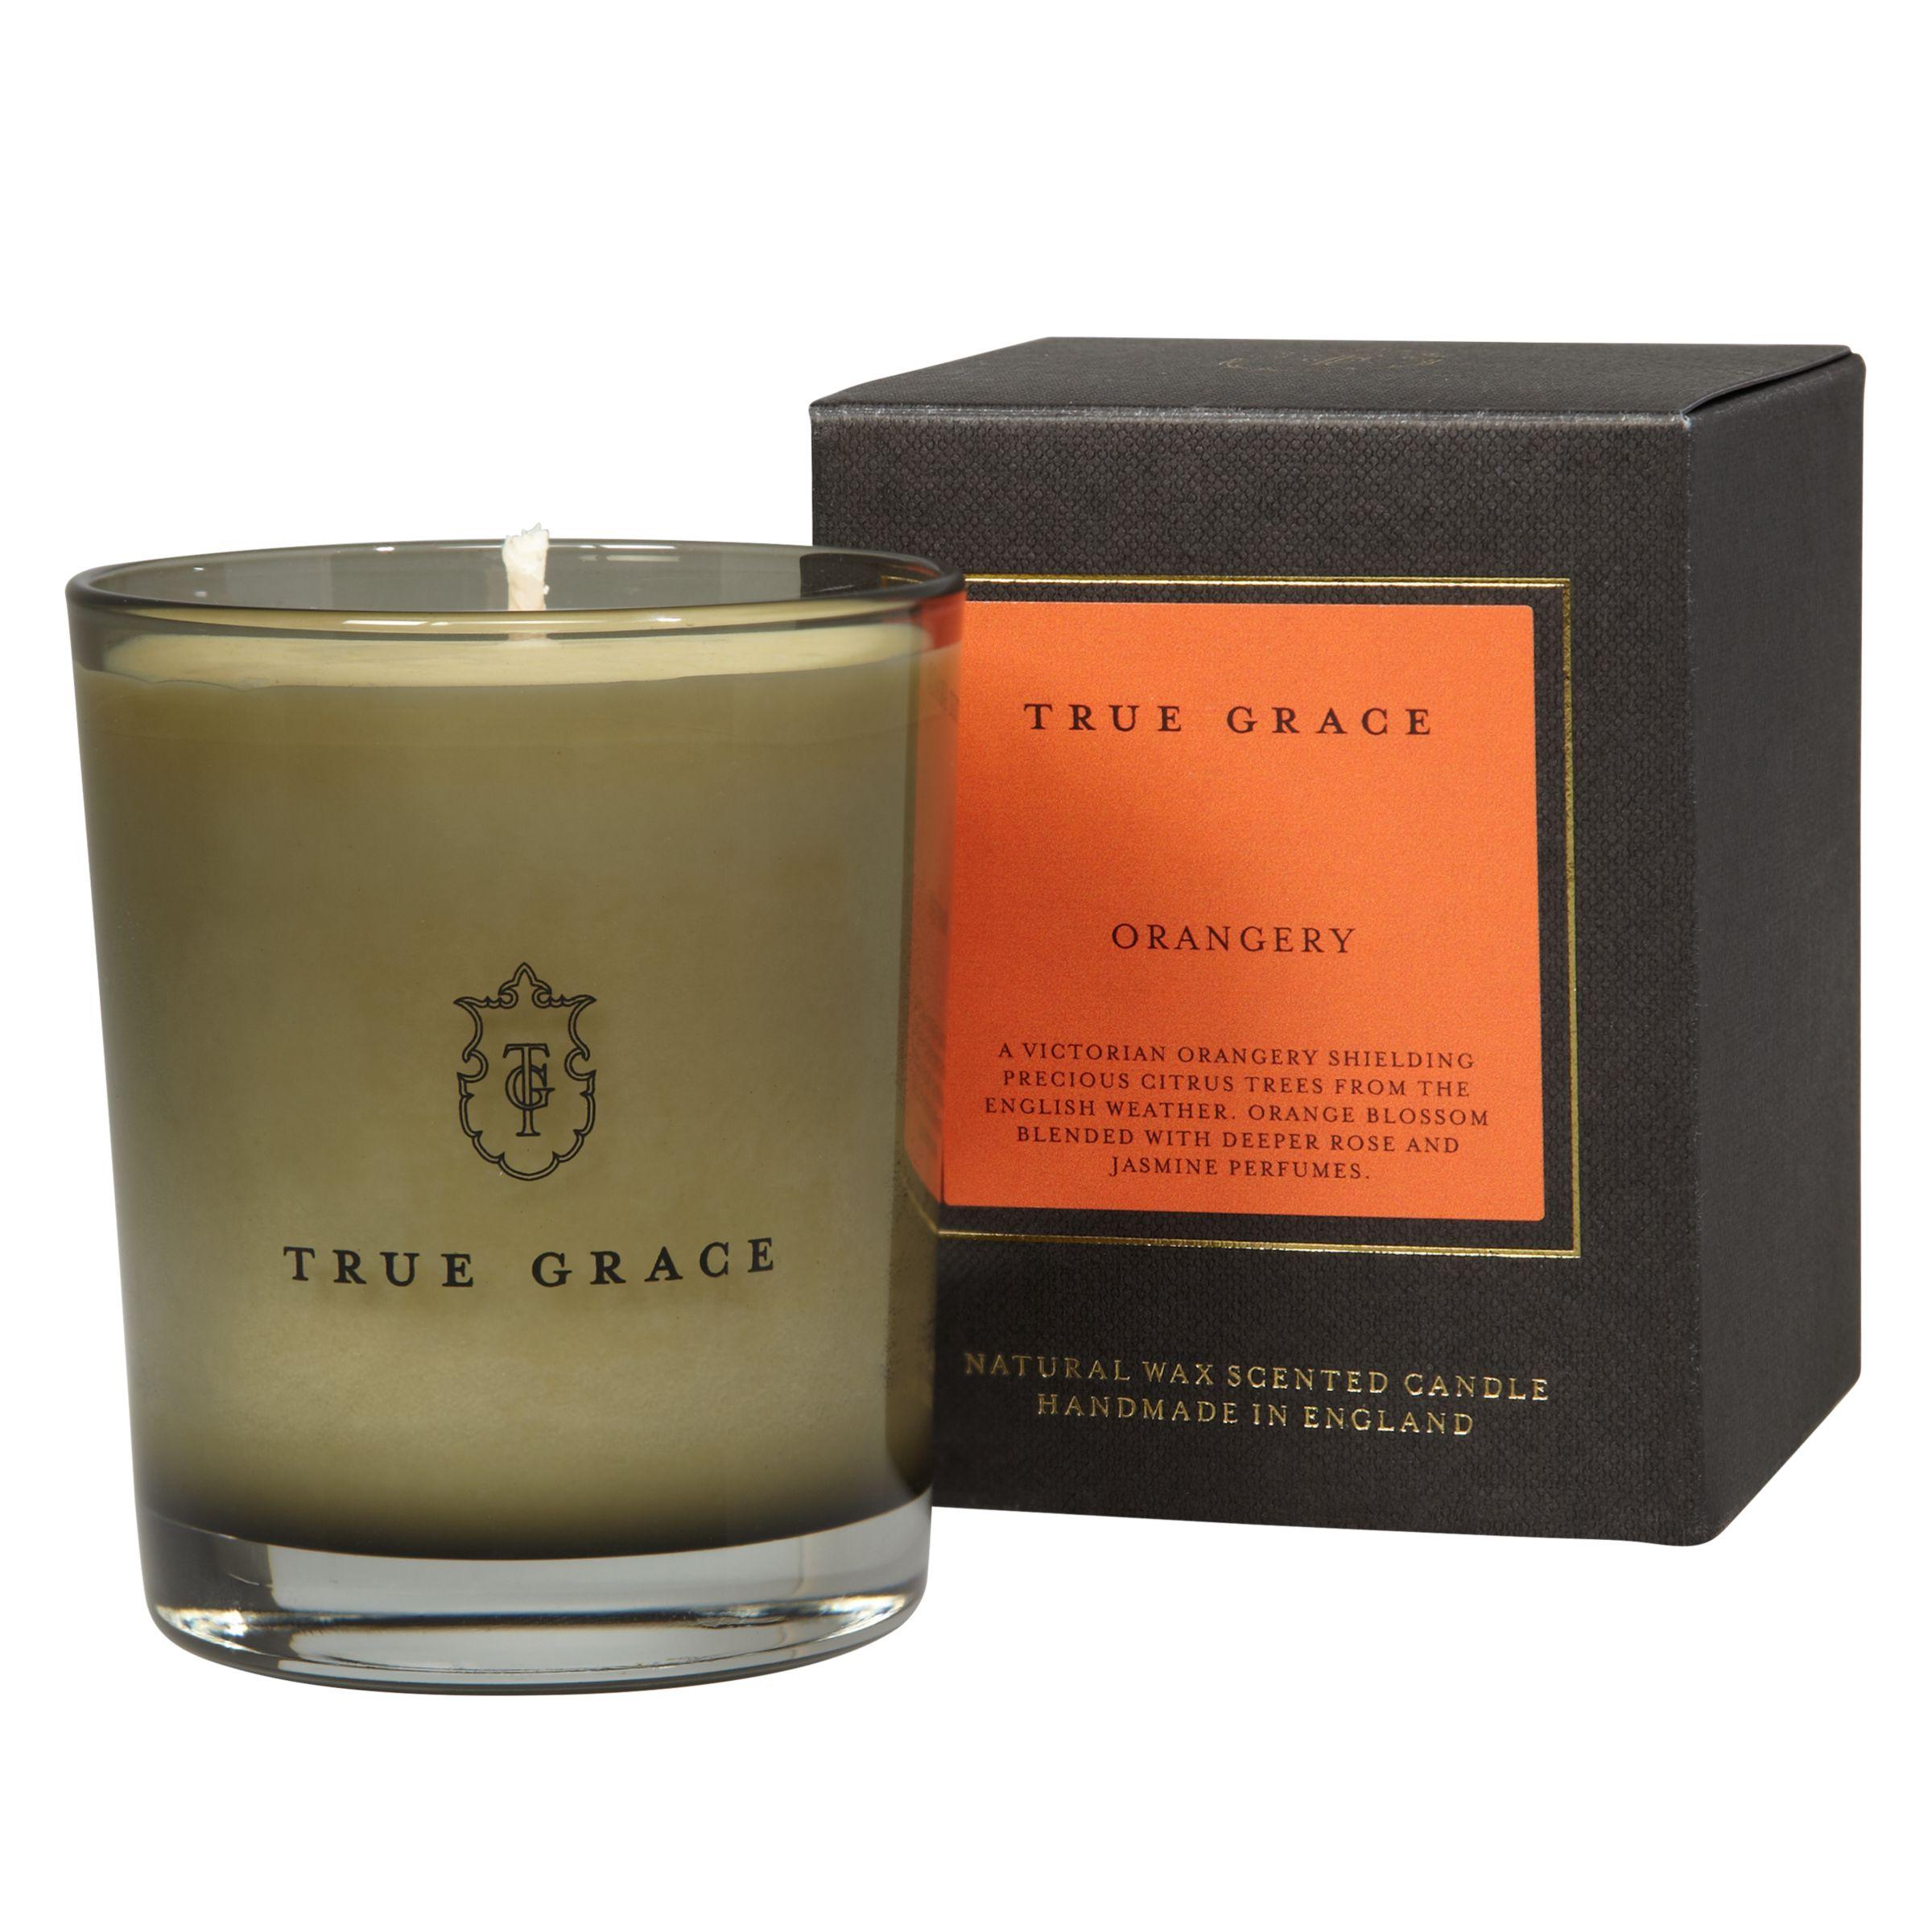 True Grace True Grace Manor Orangery Scented Candle